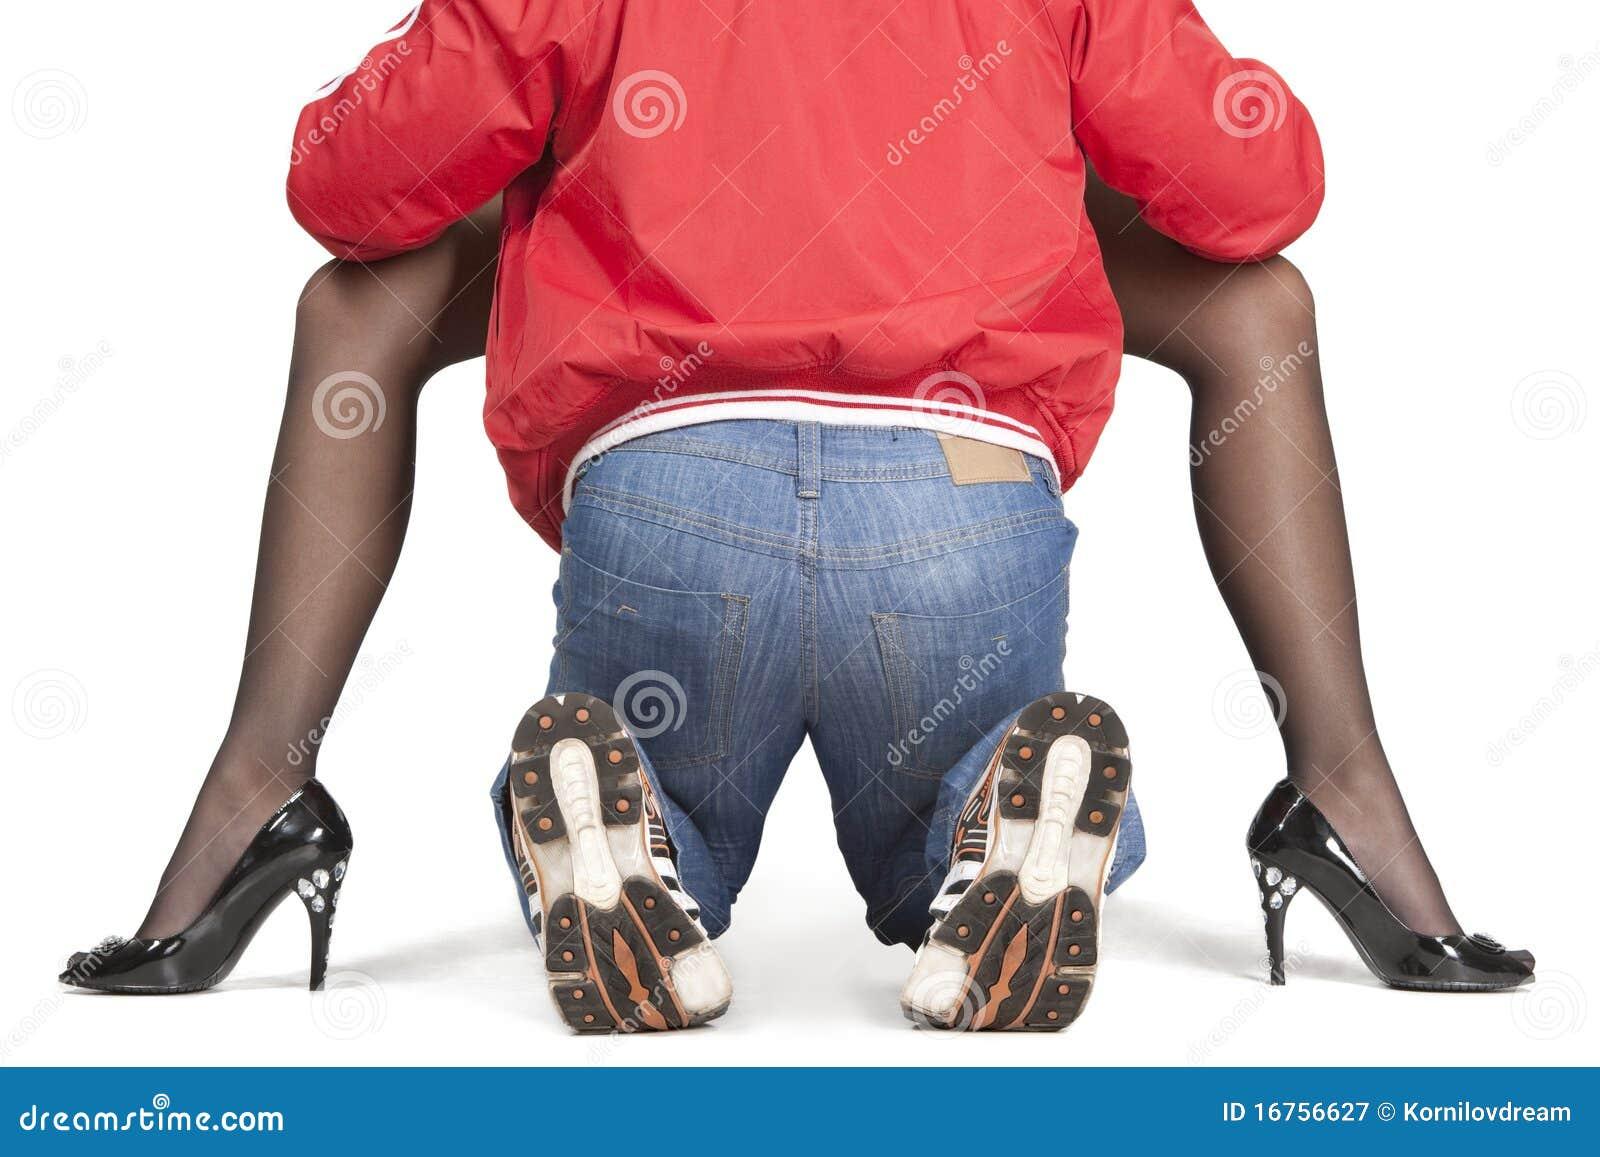 Legs woman between When a